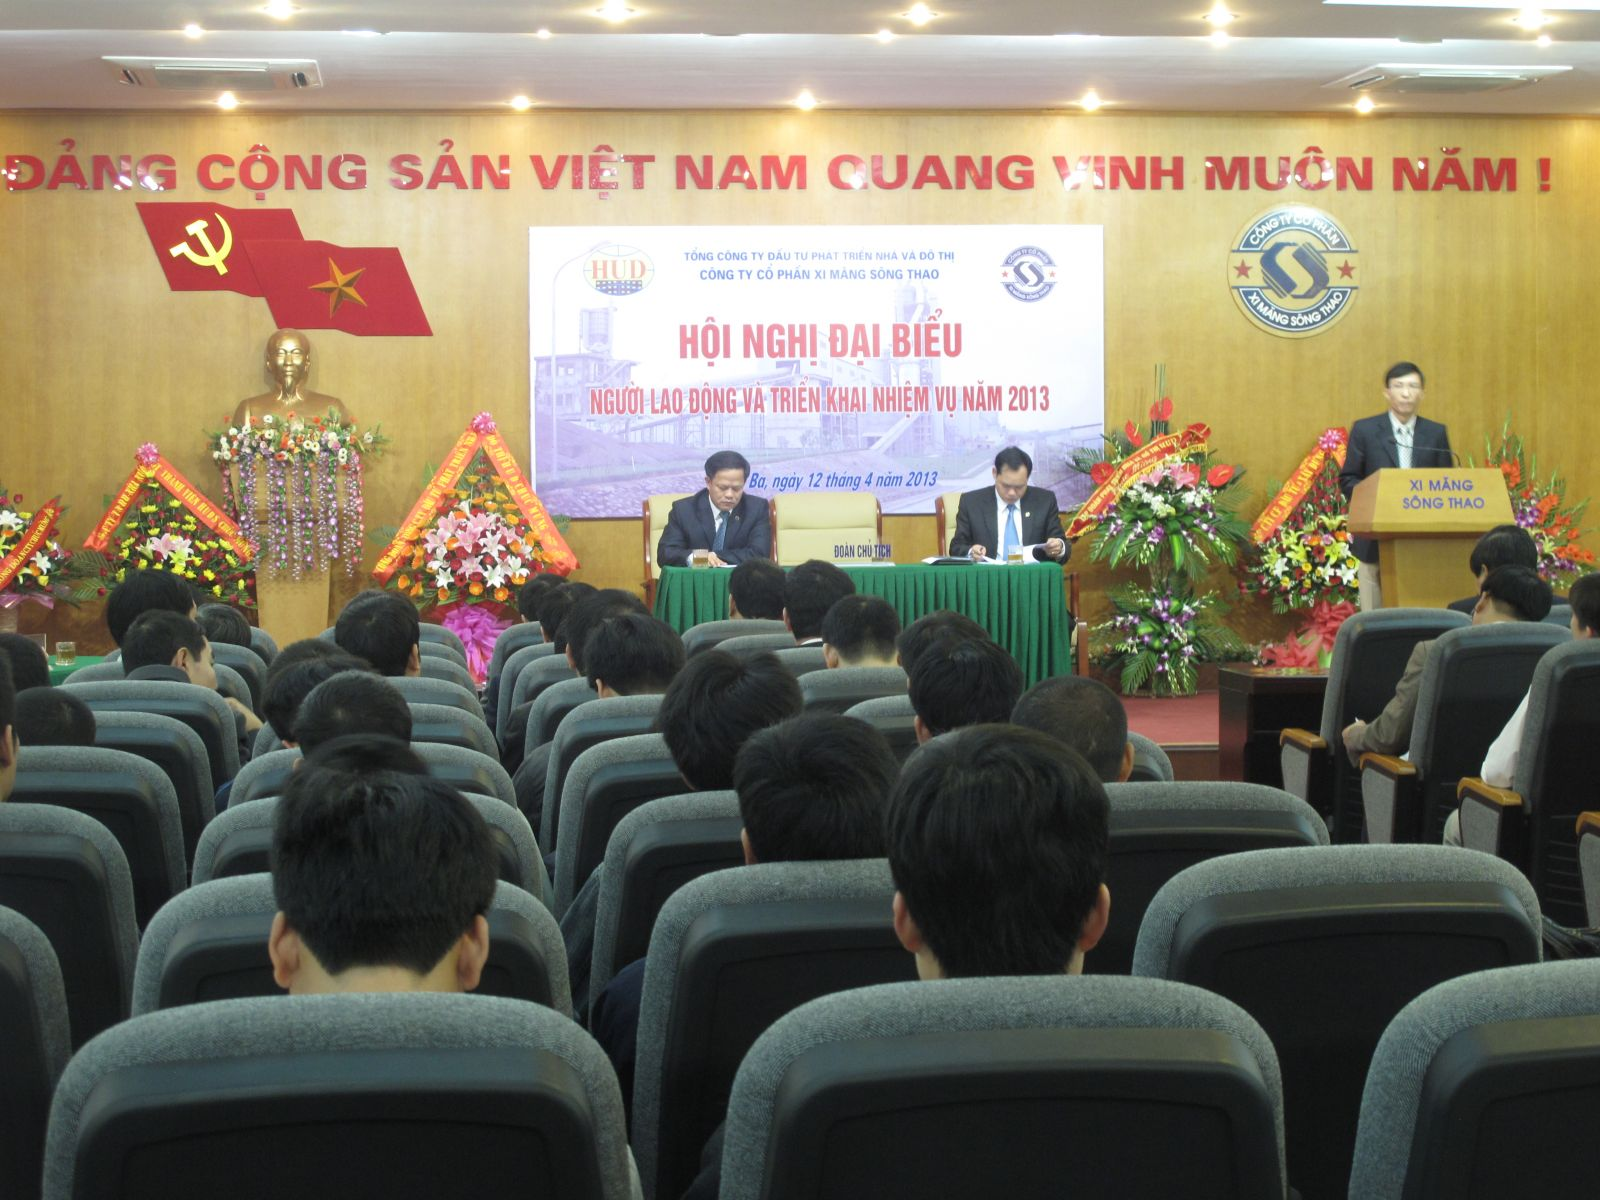 Hội nghị Đại biểu Người Lao động và triển khai nhiệm vụ năm 2013